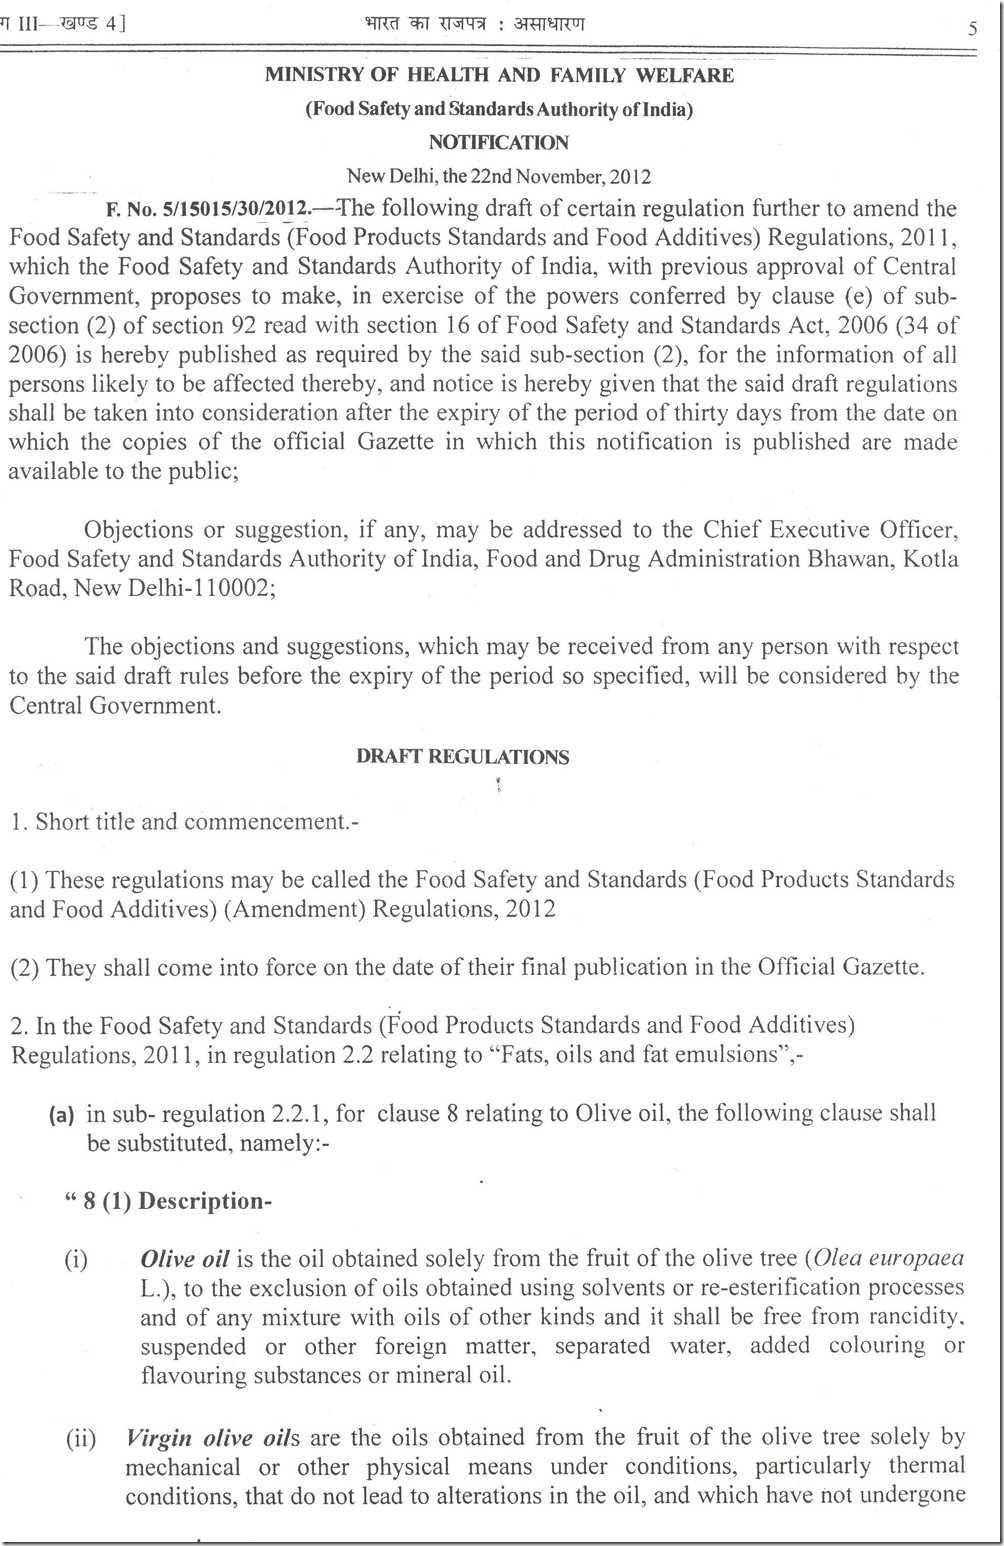 gazetteenglish(29-11-2012)_Page_1